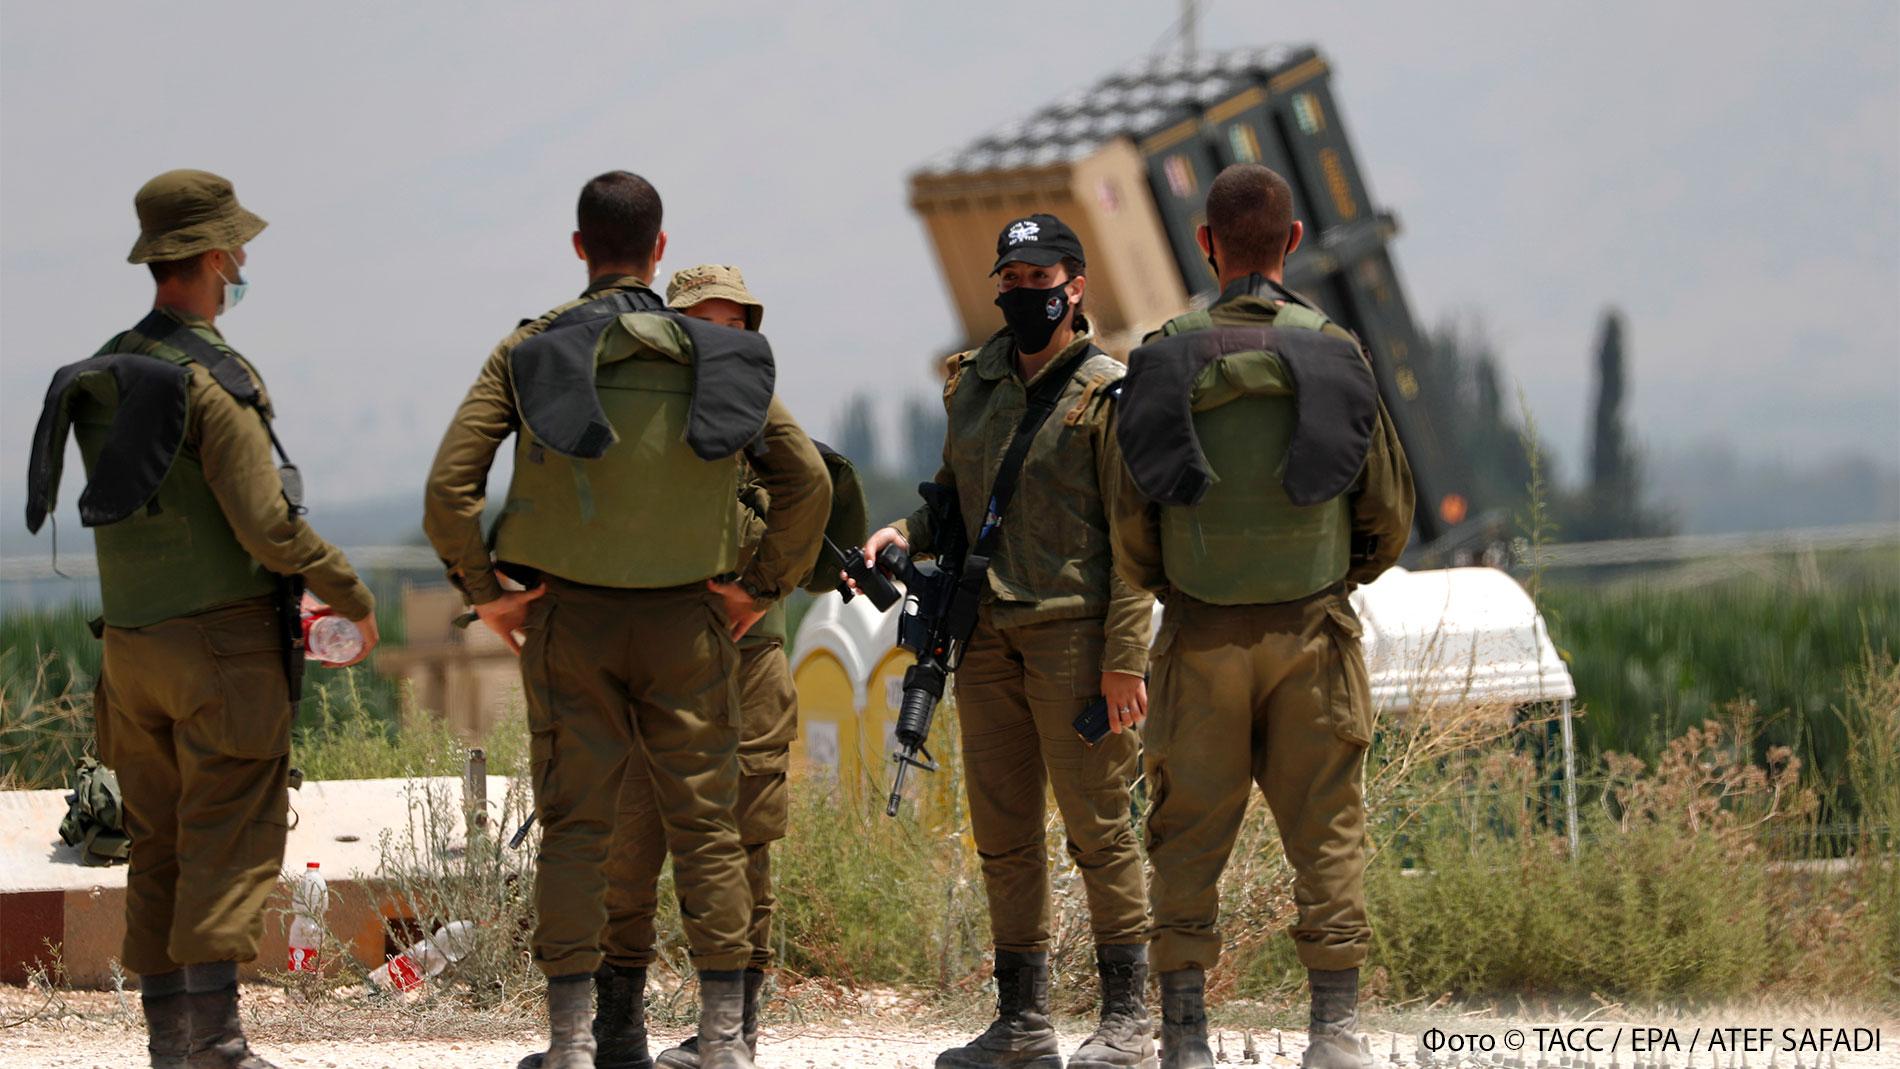 Приём маршала Жукова: как палестинцы взломали израильский 'Железный купол'